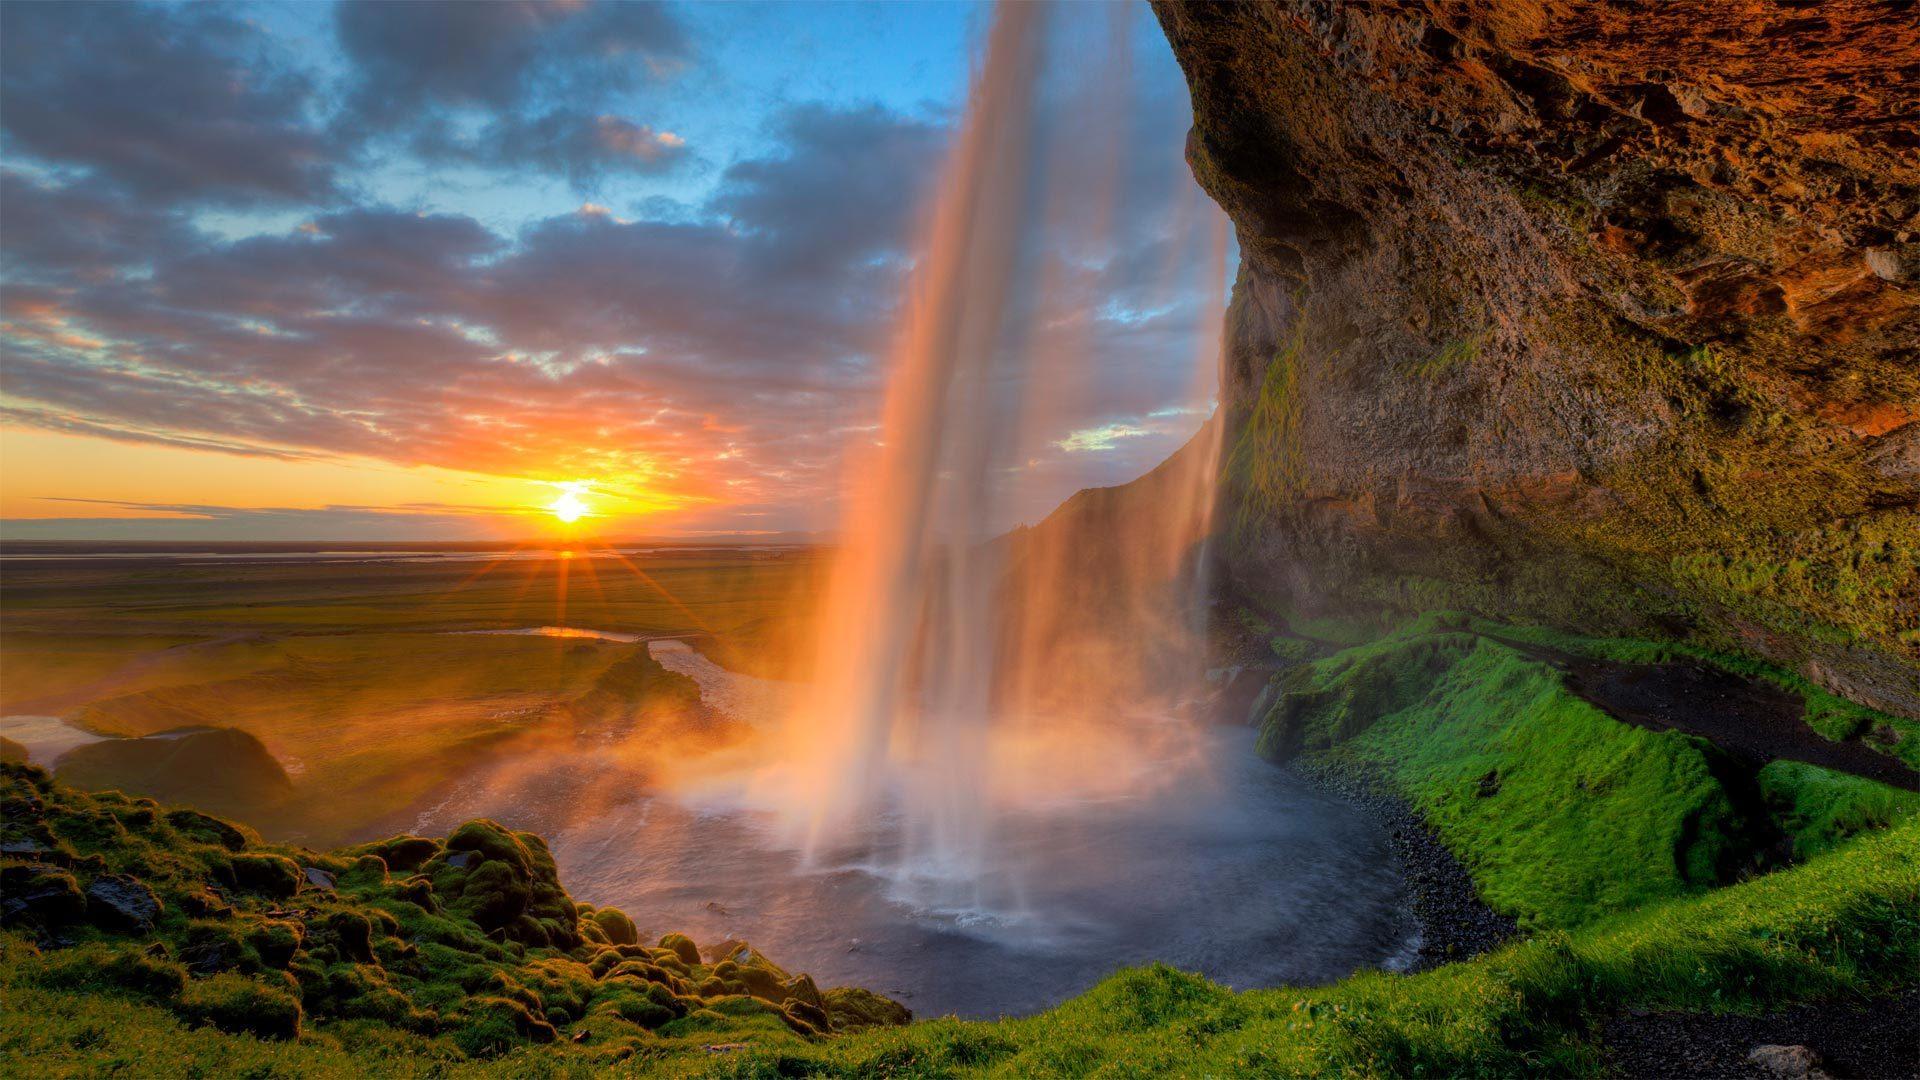 塞里雅兰瀑布后的午夜太阳塞里雅兰瀑布